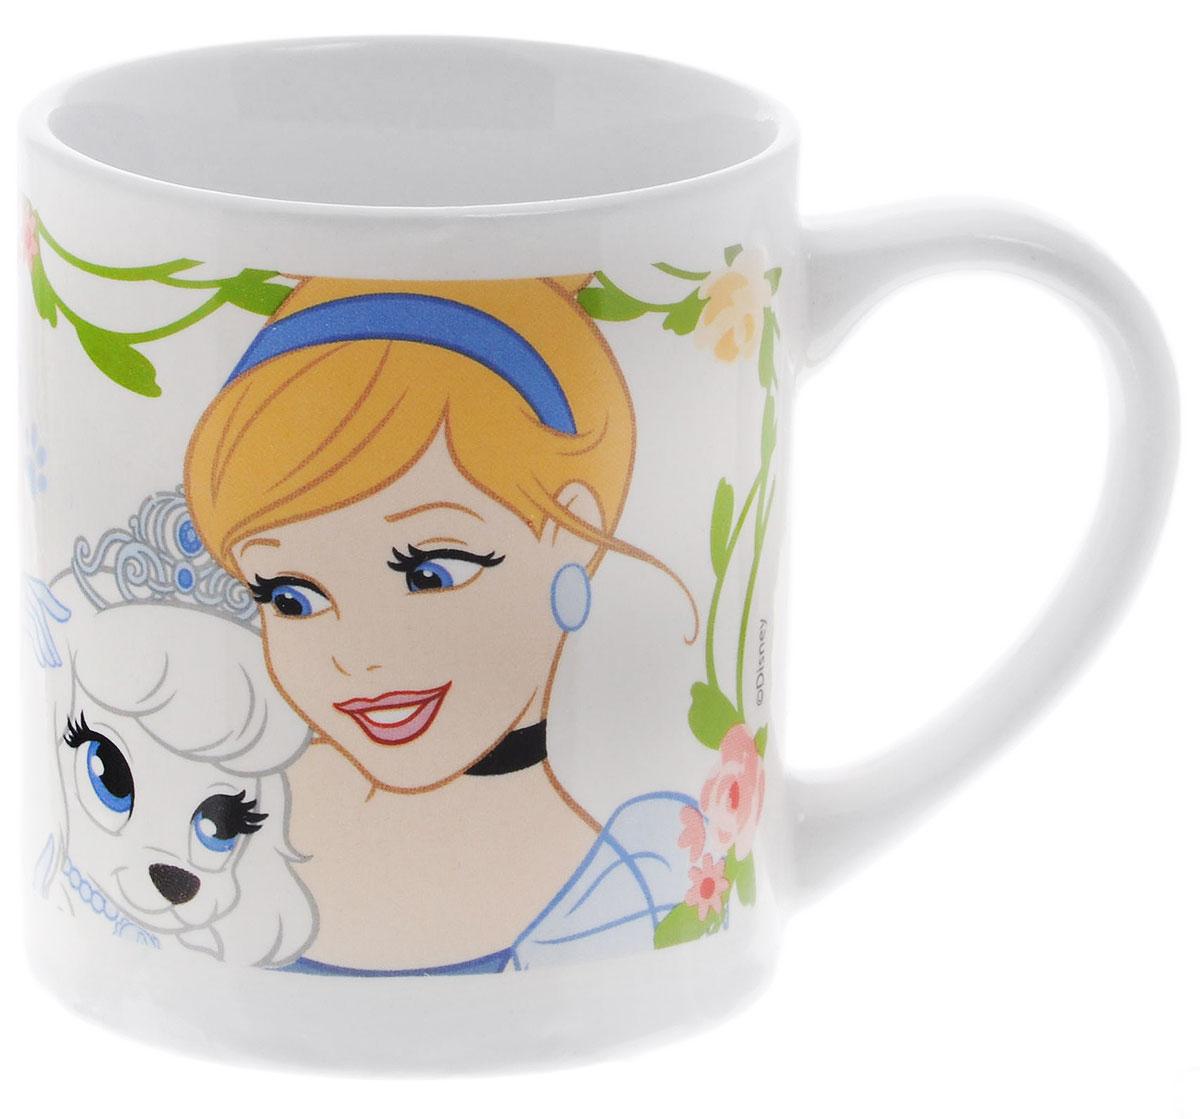 Stor Кружка детская Принцессы и их питомцы 220 мл 7291672916Детская кружка Stor Принцессы и их питомцы с любимыми героями мультфильмов станет отличным подарком для вашей малышки. Она выполнена из керамики и оформлена изображением диснеевских принцесс с их питомцами. Кружка дополнена удобной ручкой.Такой подарок станет не только приятным, но и практичным сувениром: кружка будет незаменимым атрибутом чаепития, а ее оригинальное оформление добавит ярких эмоций и хорошего настроения.